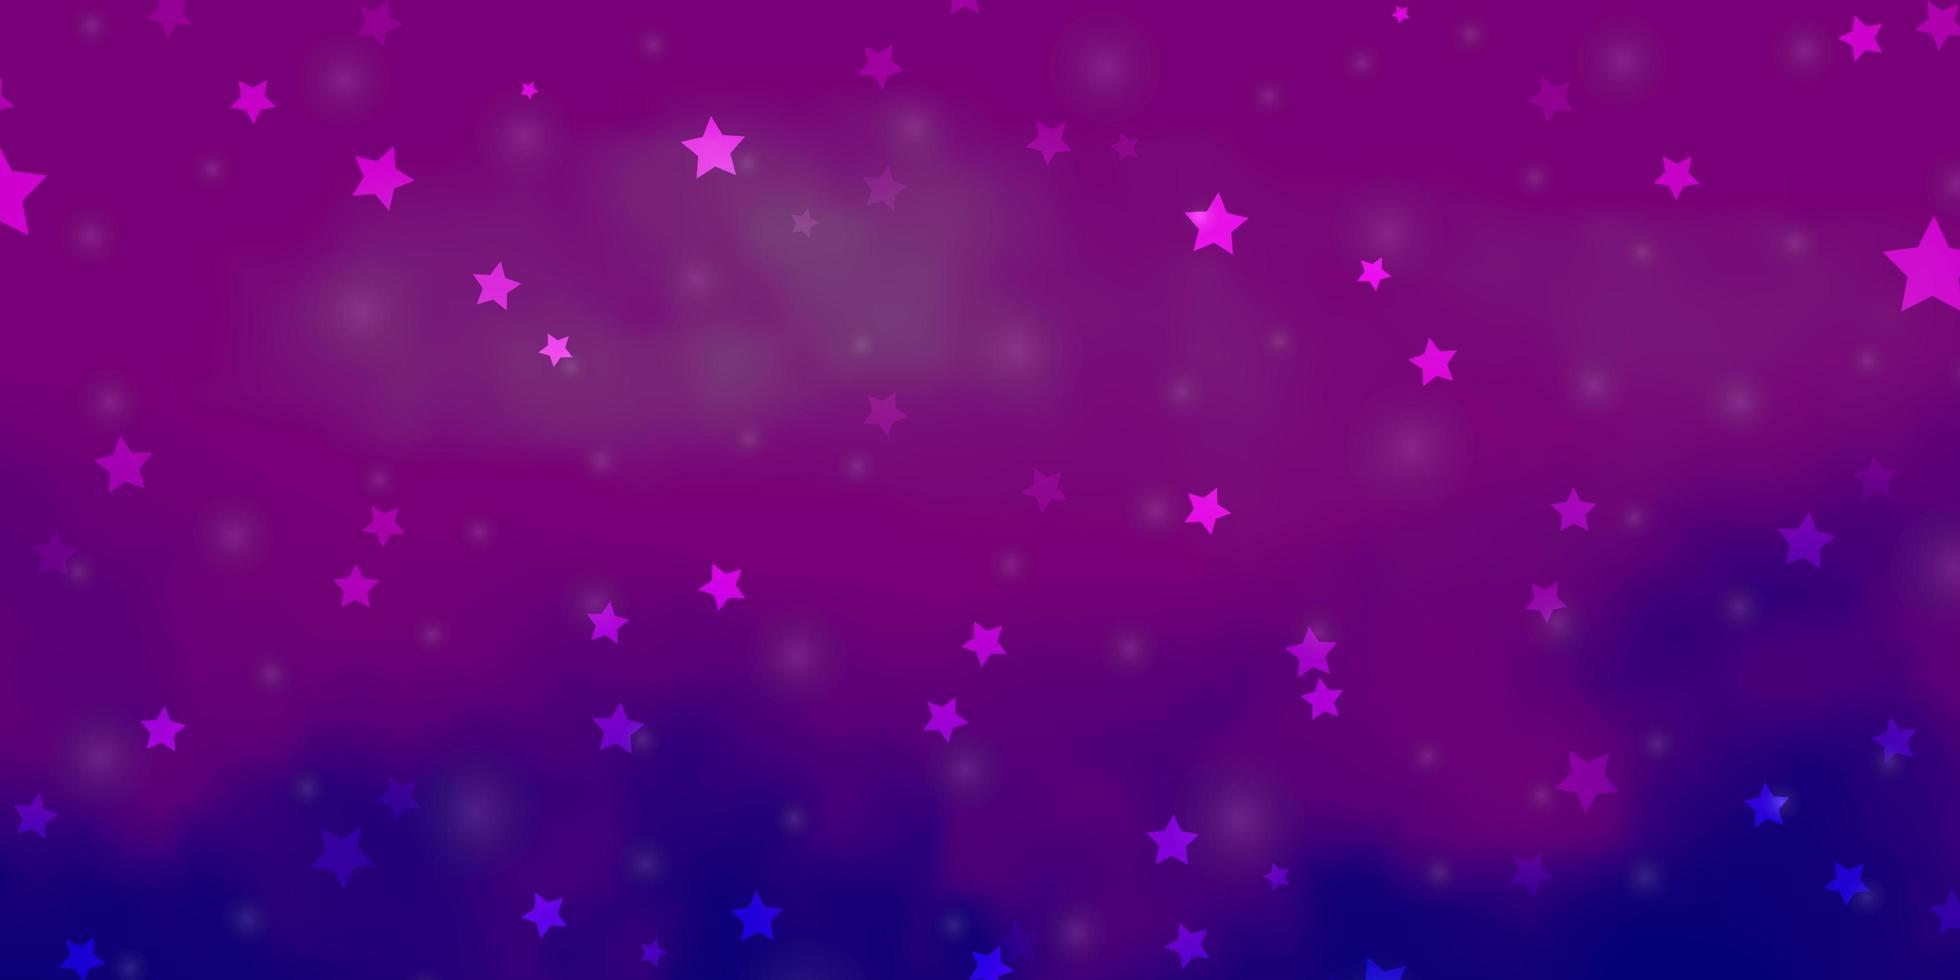 hellrosa, blaues Vektorlayout mit hellen Sternen. vektor